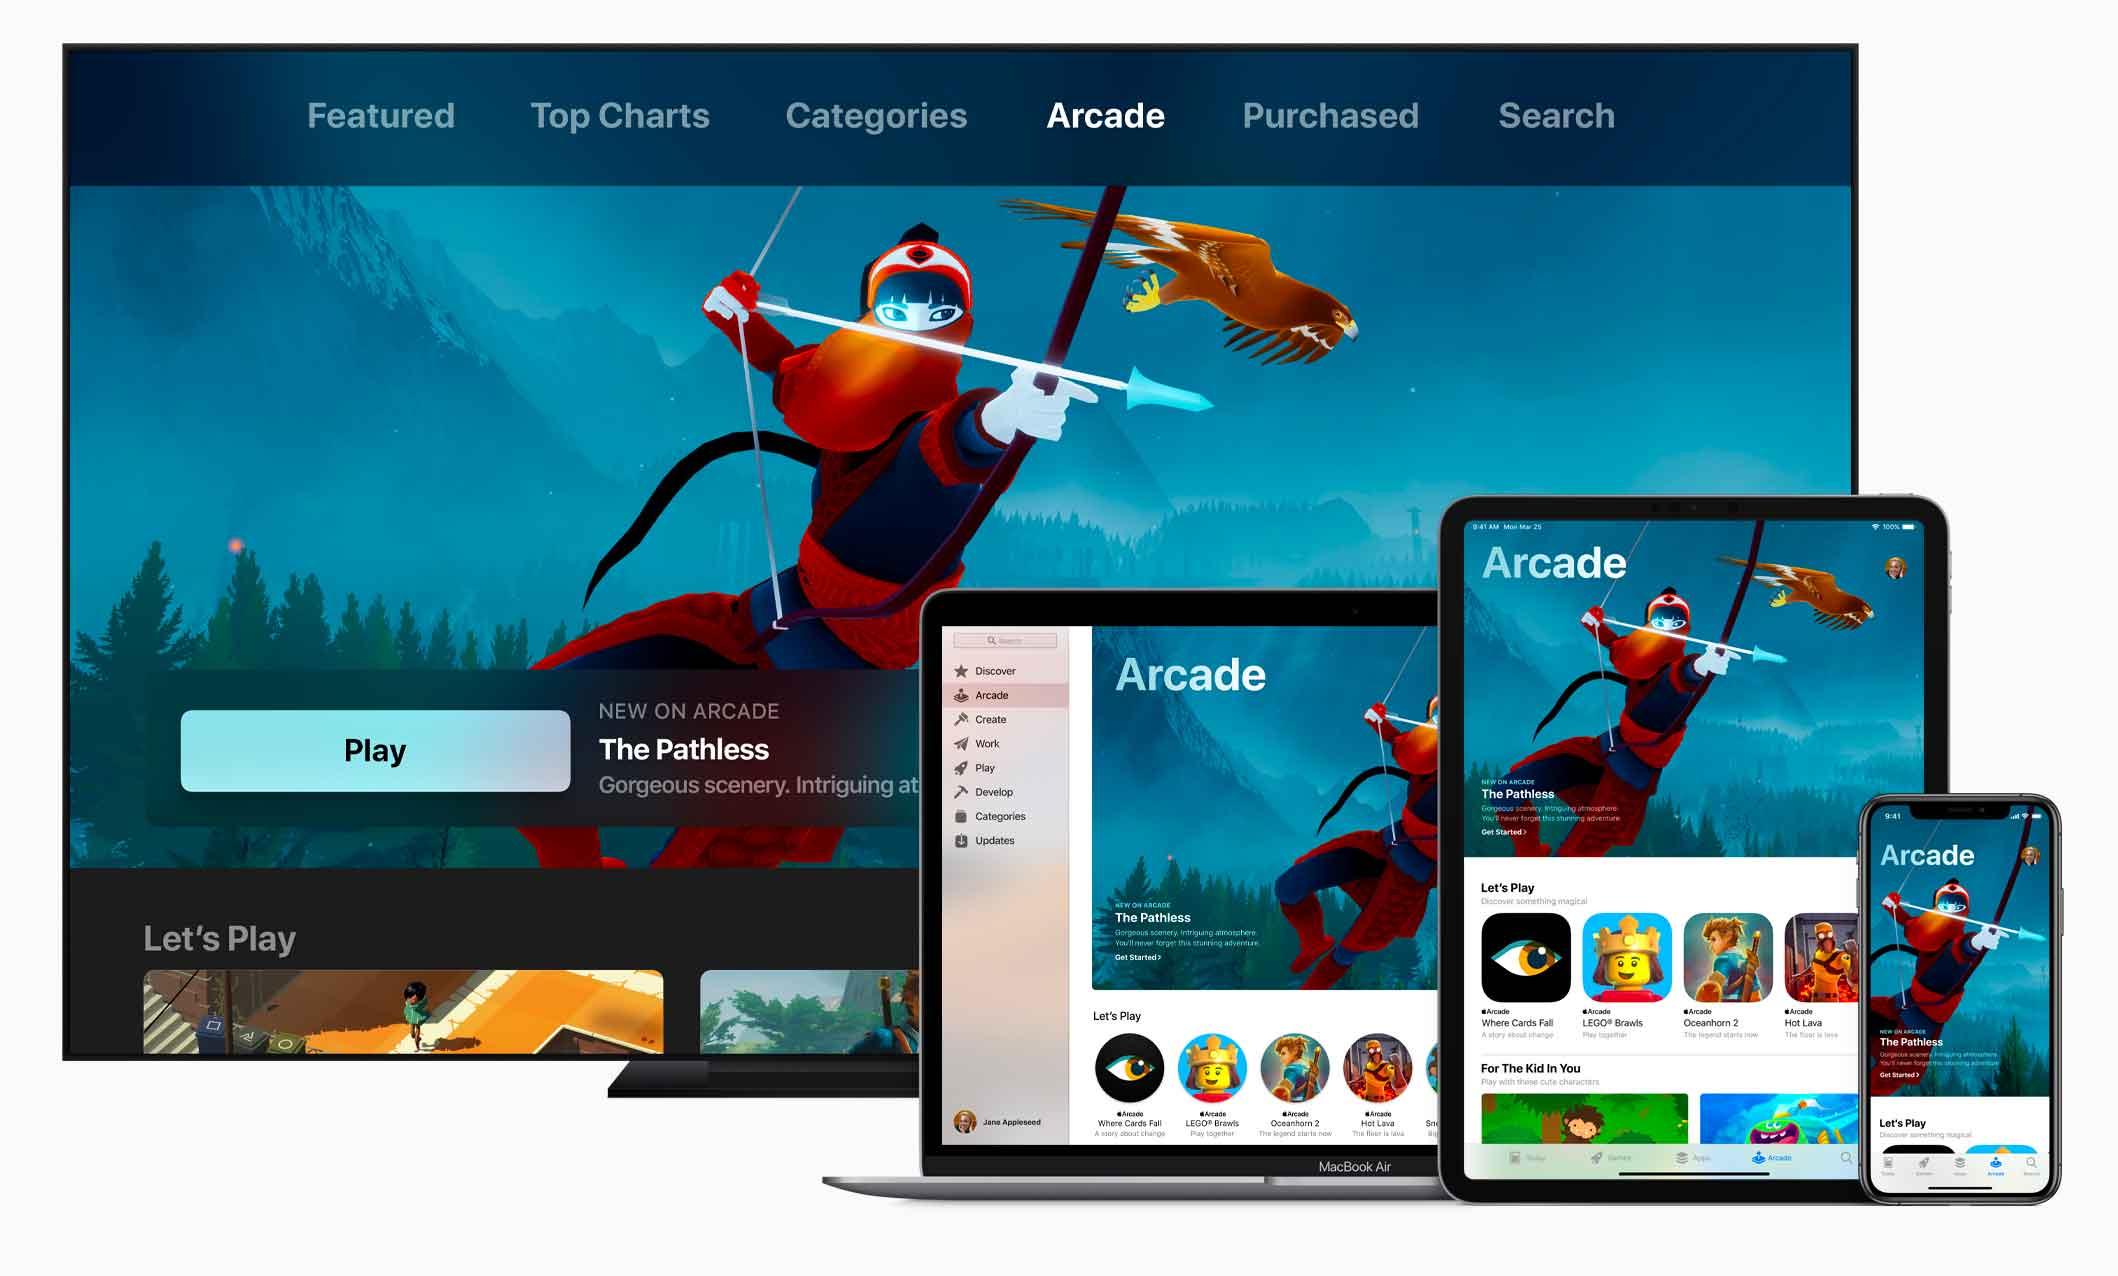 Apple Arcade arriverà questo autunno in oltre 150 Paesi e sarà disponibile in una nuova sezione dell'App Store su iOS, macOS e tvOS.